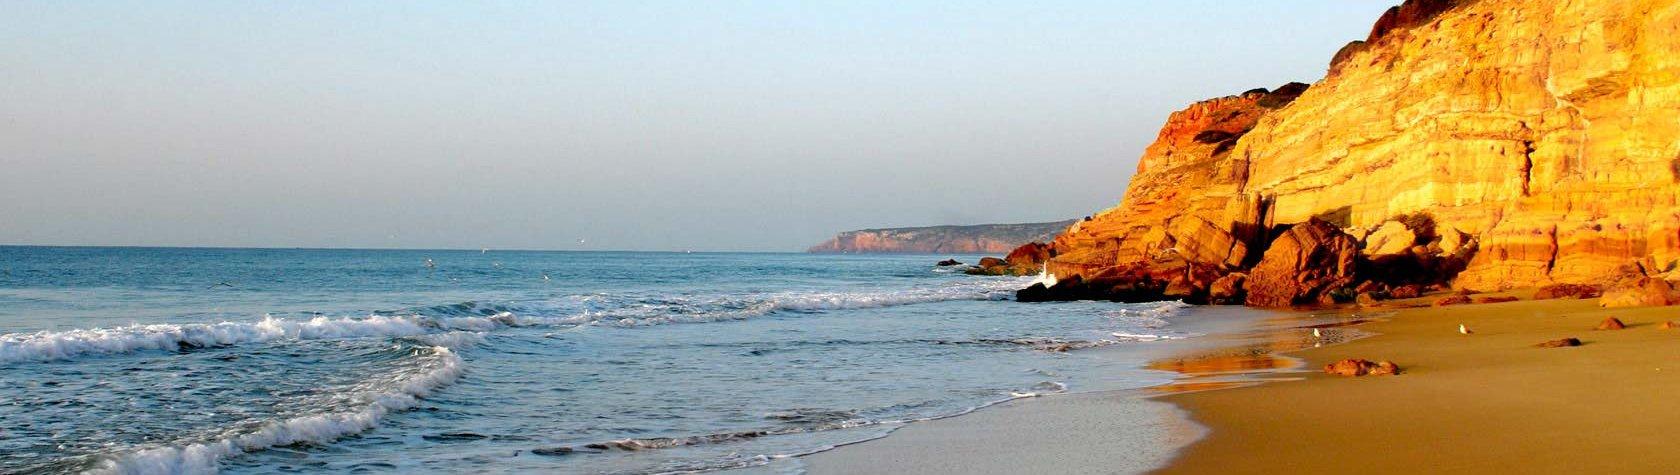 HT_praia_Q40_1680x475